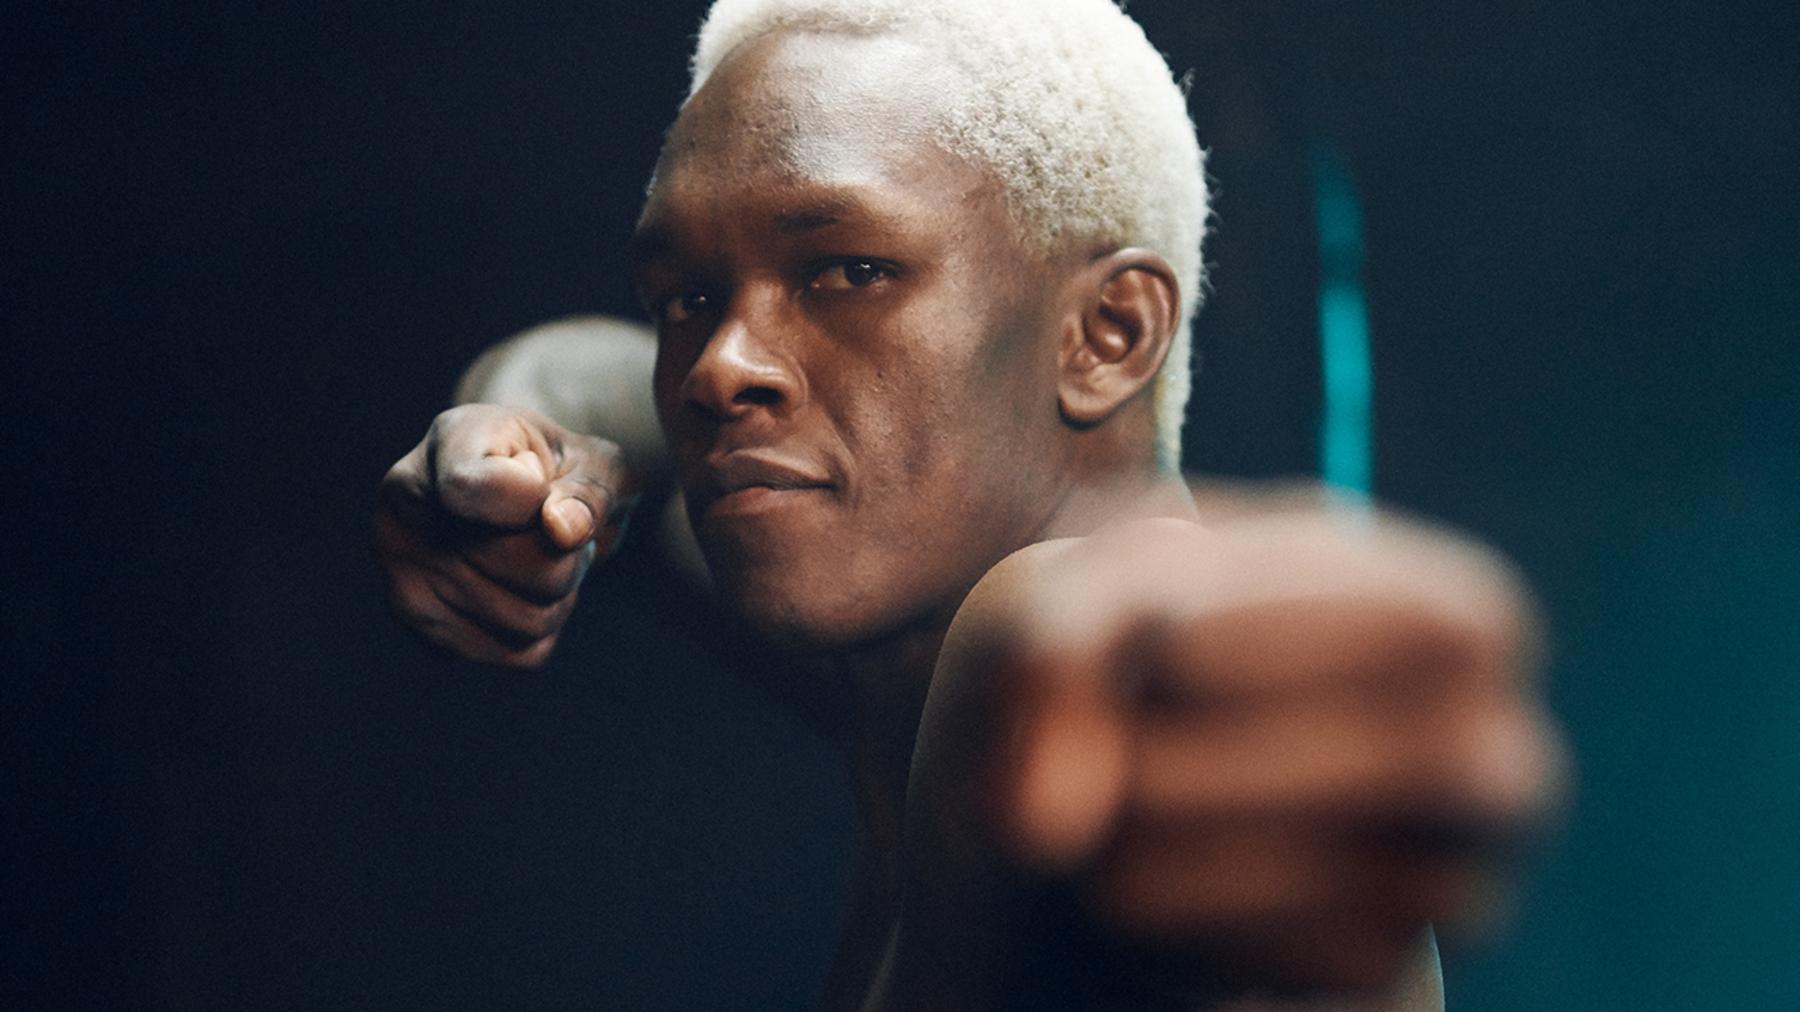 Od tanečníka k drsnému zápasníkovi | Ako sa stal Israel Adesanya jednou znajlepších hviezd MMA